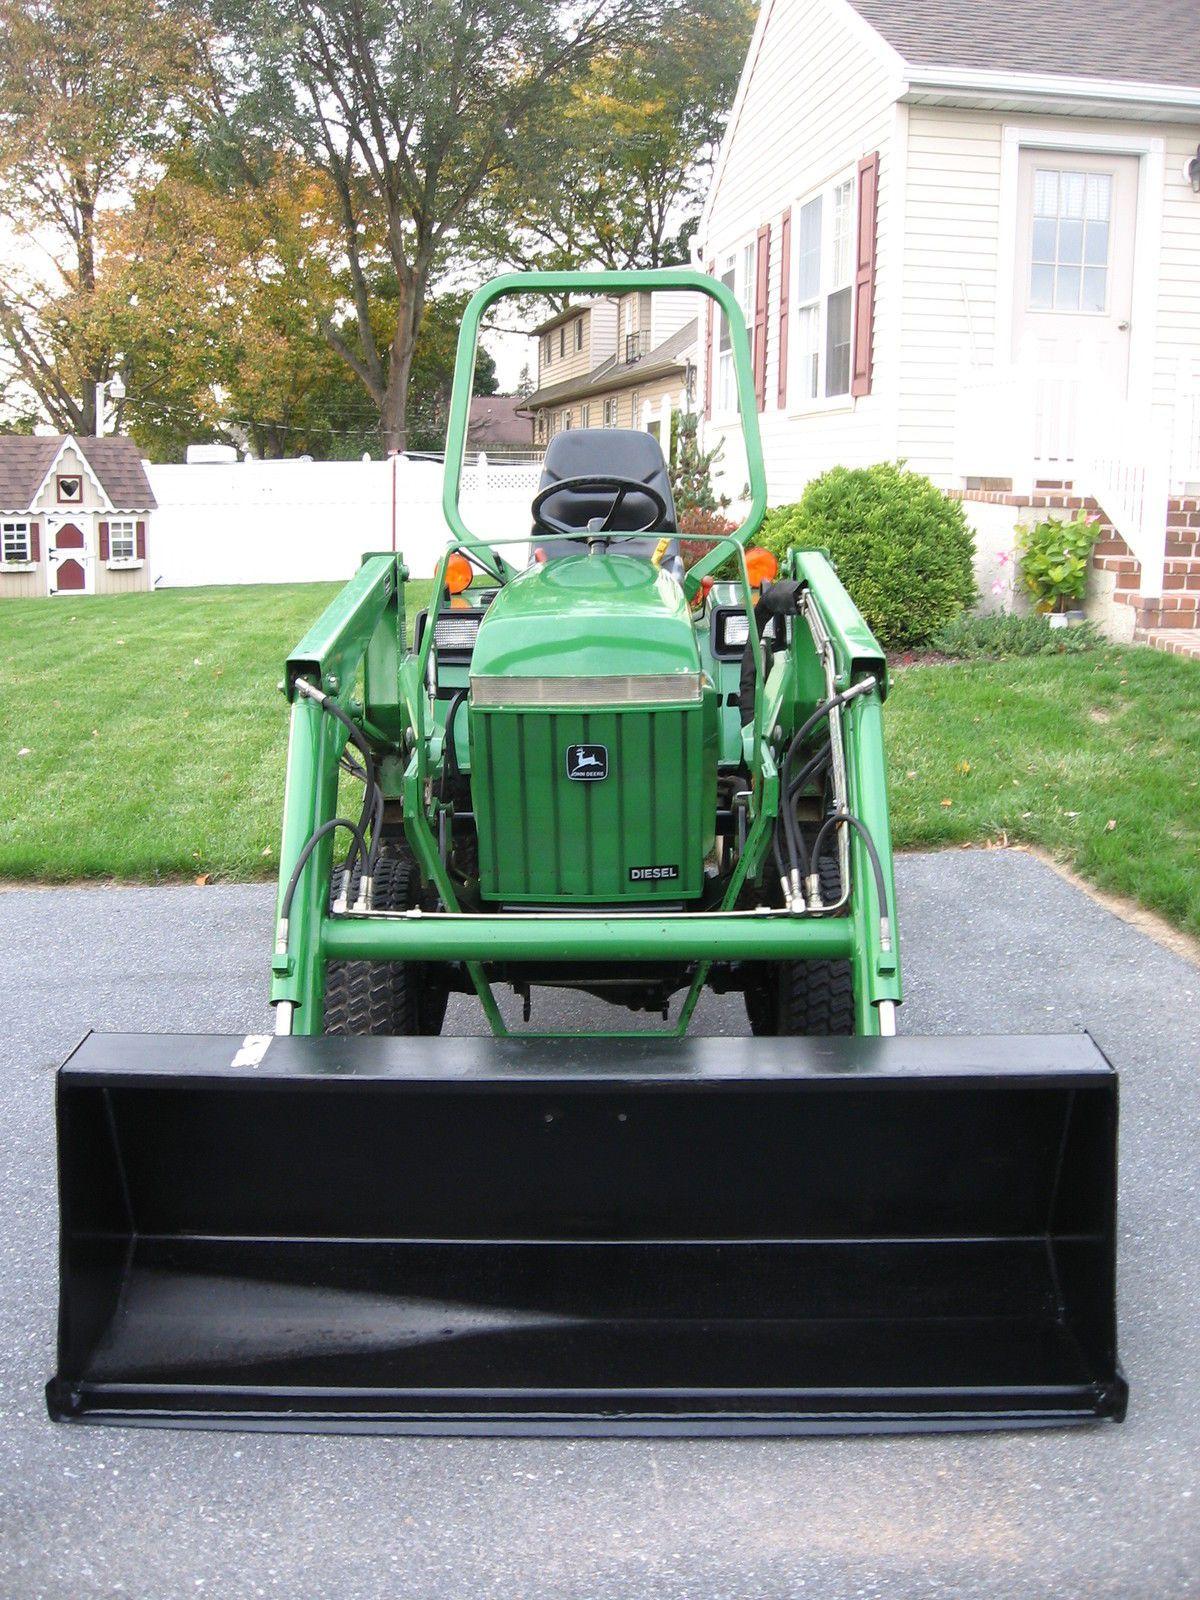 4x4 Compact Tractors For Sale : compact, tractors, Deere, Garden, Compact, Tractors